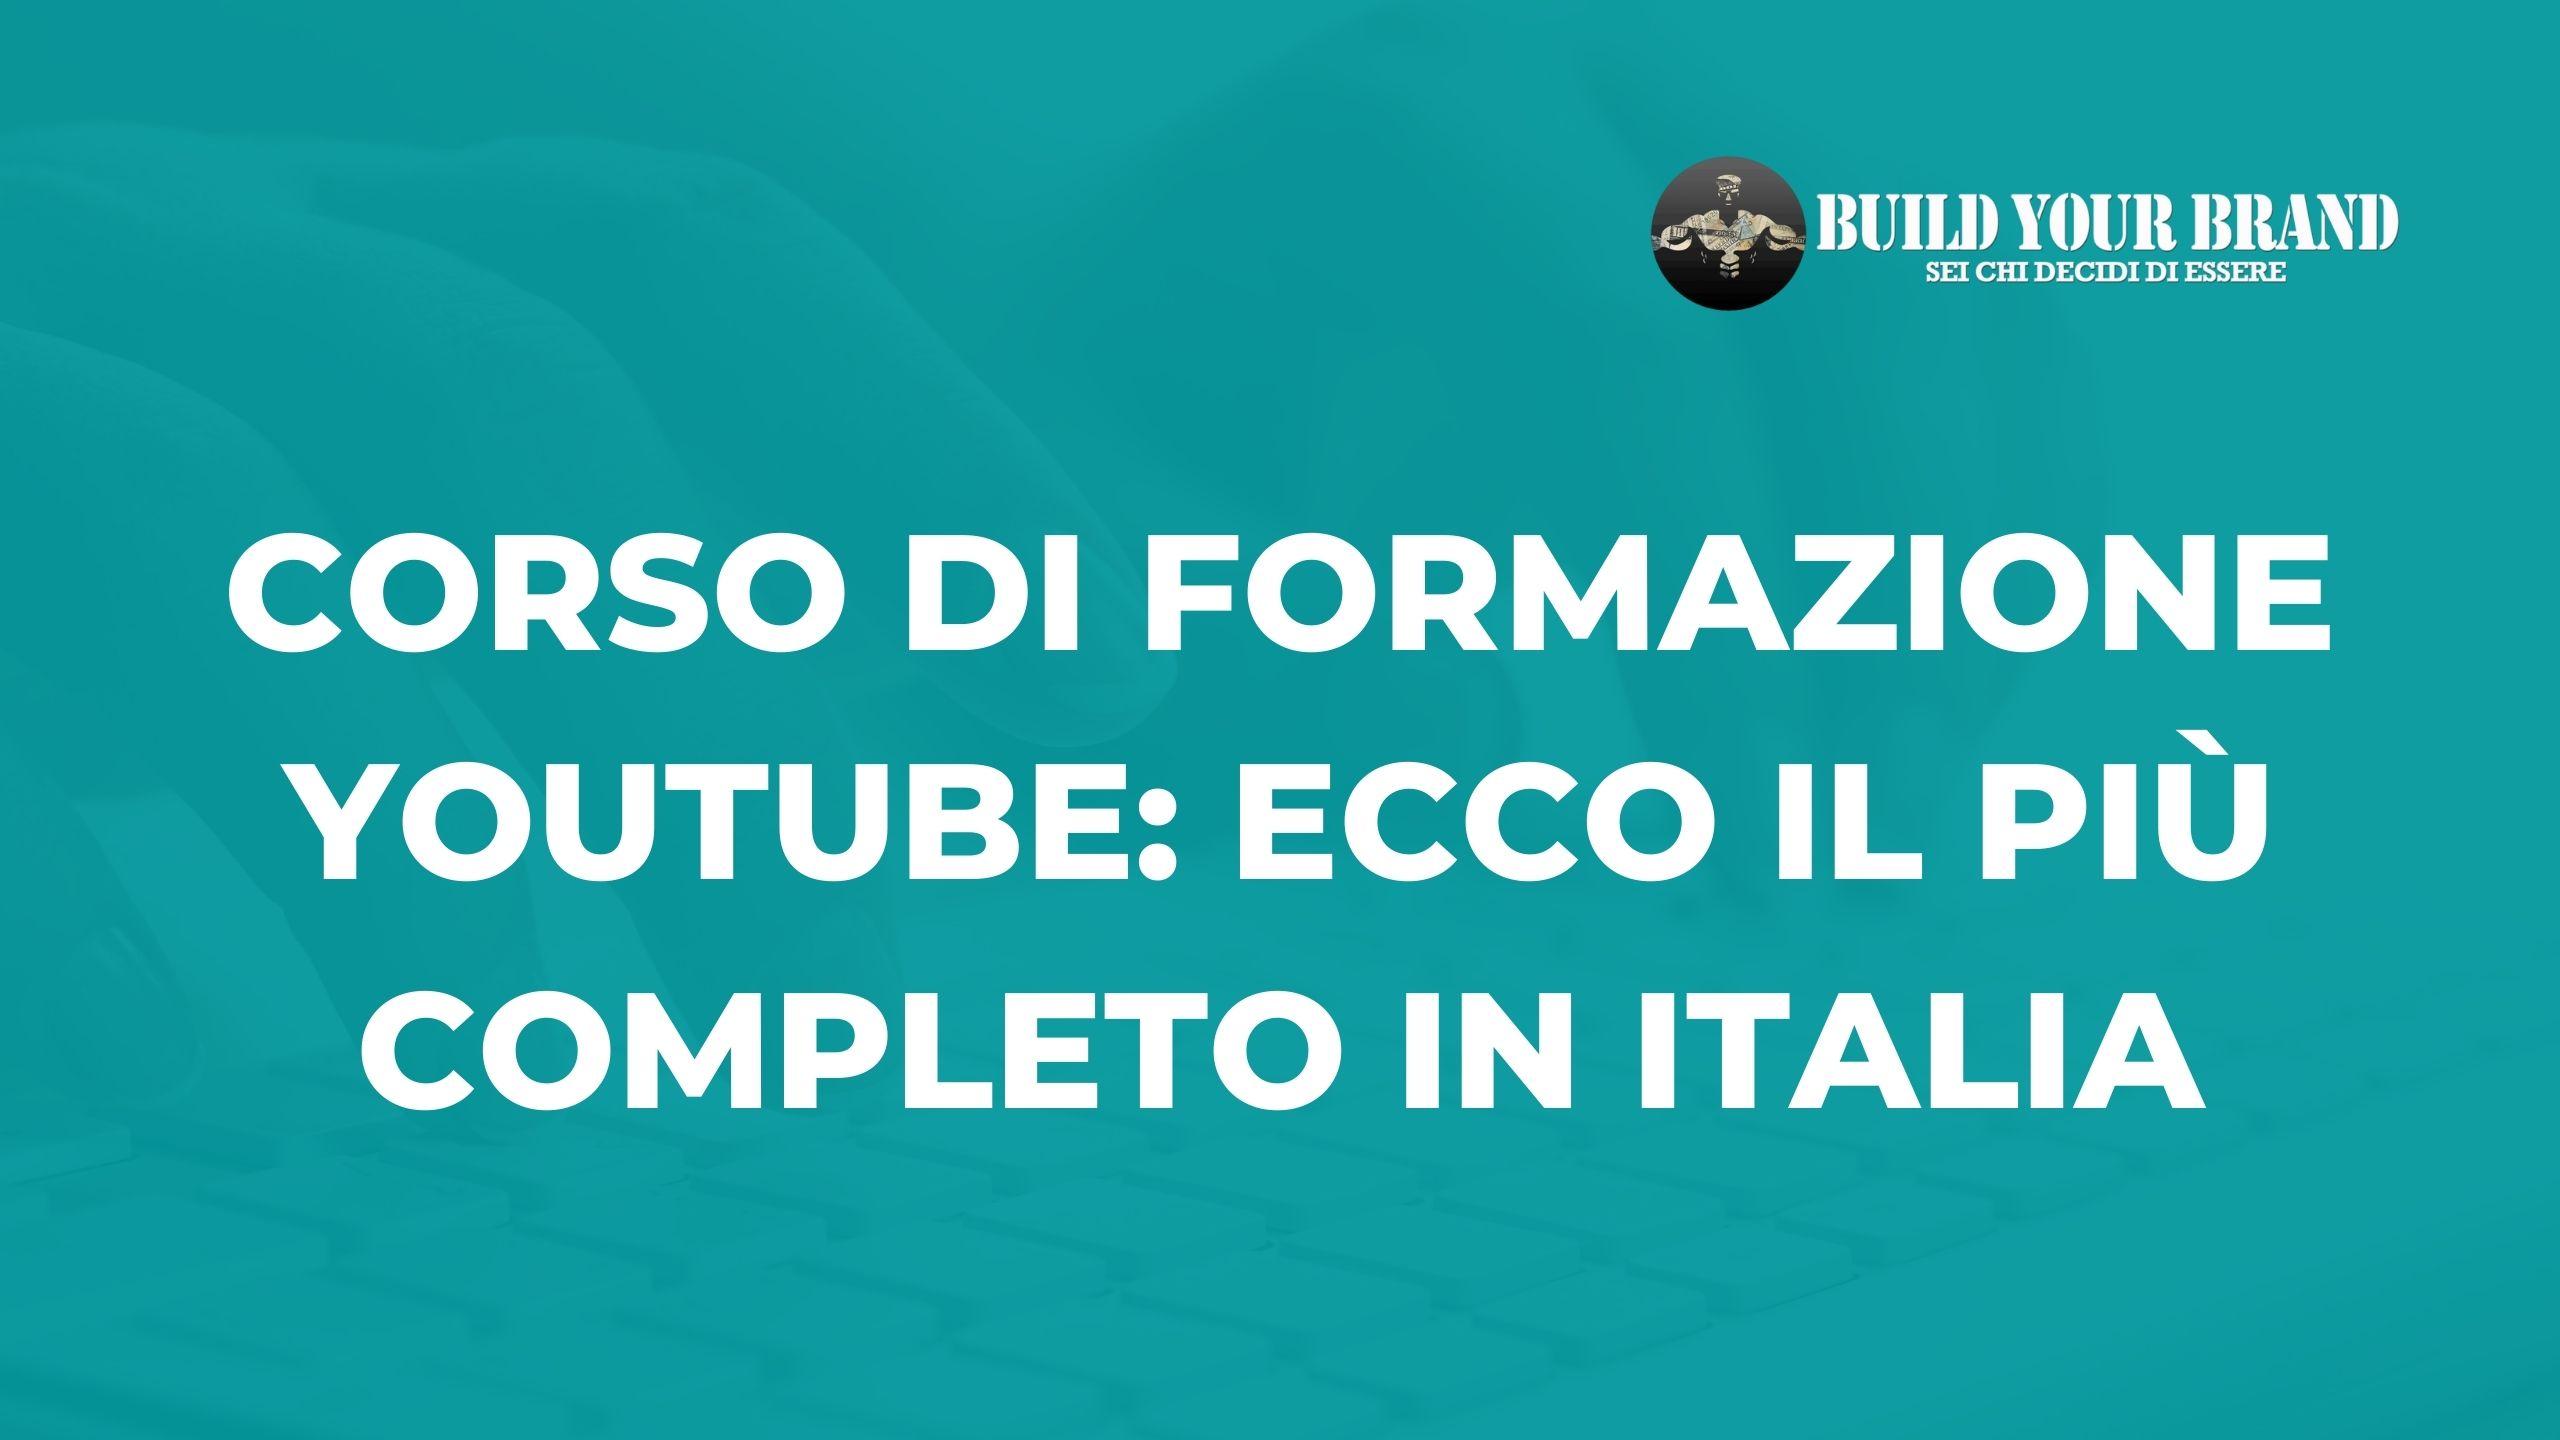 corso-di-formazione-youtube-più-completo-in-italia